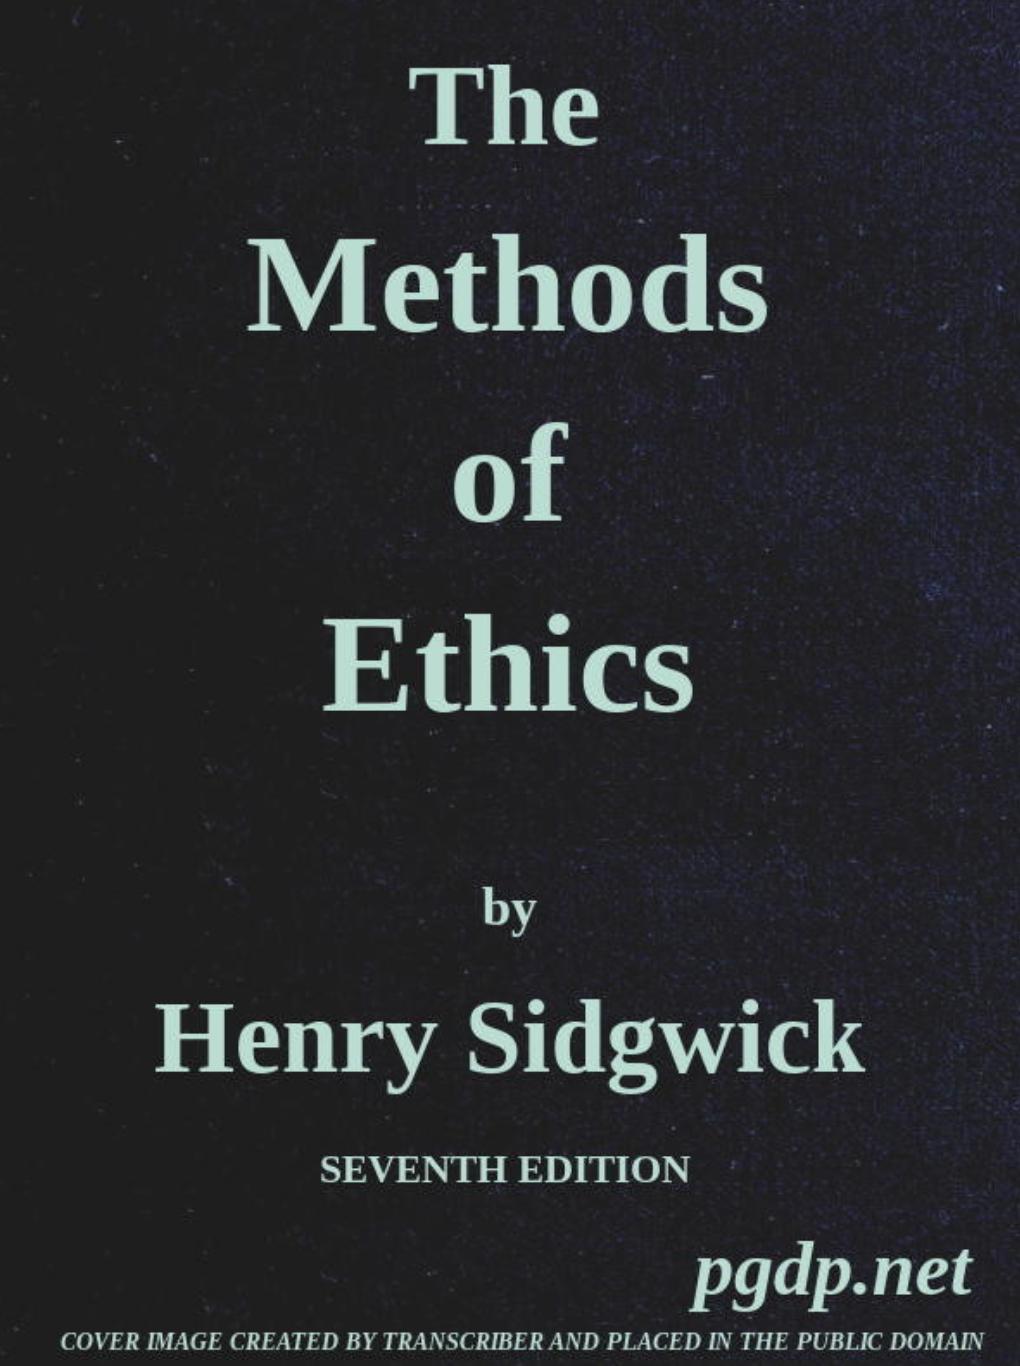 Генри Сиджвик — был одним из самых влиятельных этических философов викторианской эпохи.